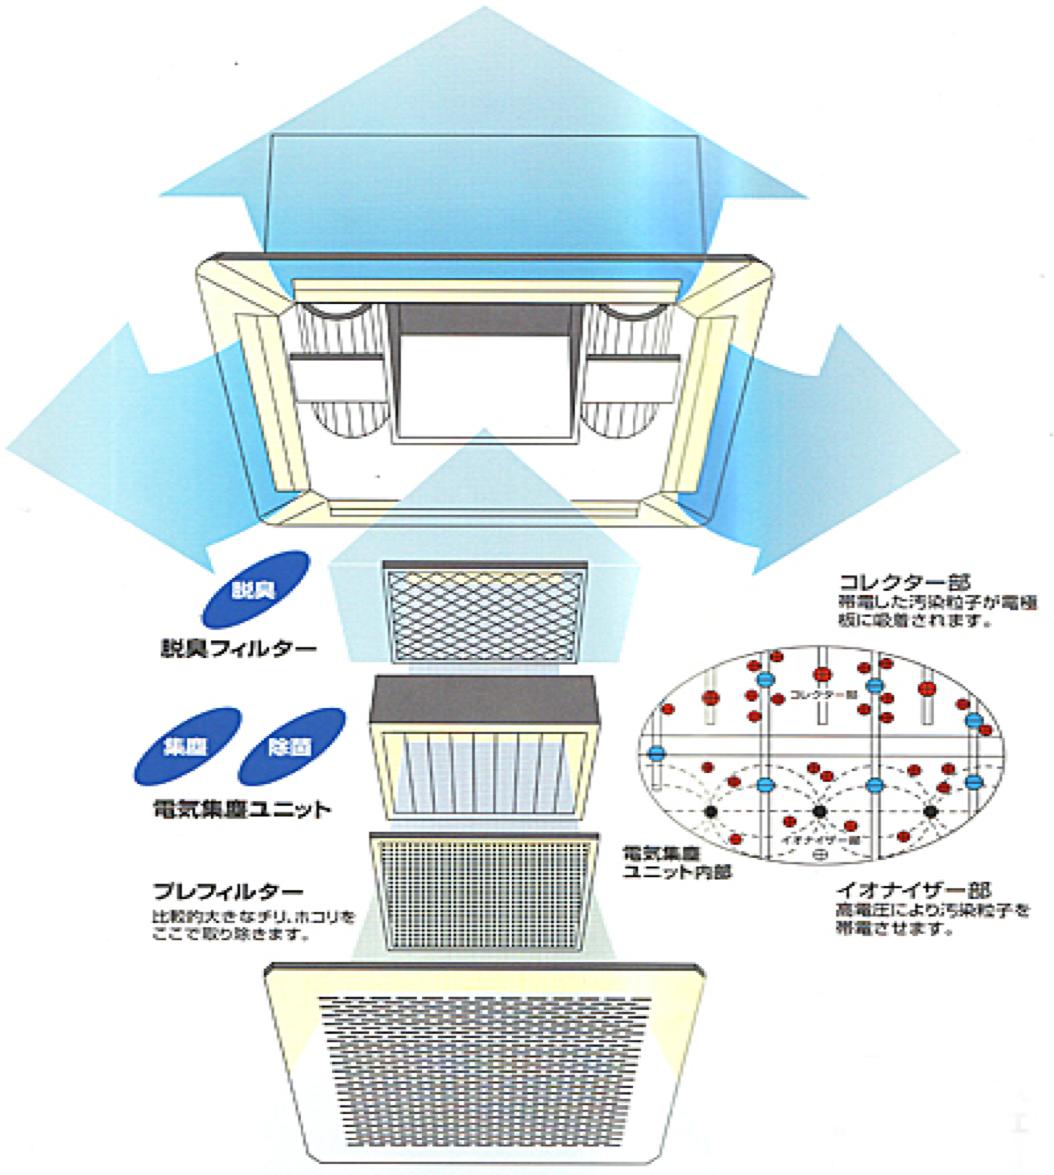 空気清浄装置エアロシステム35MD